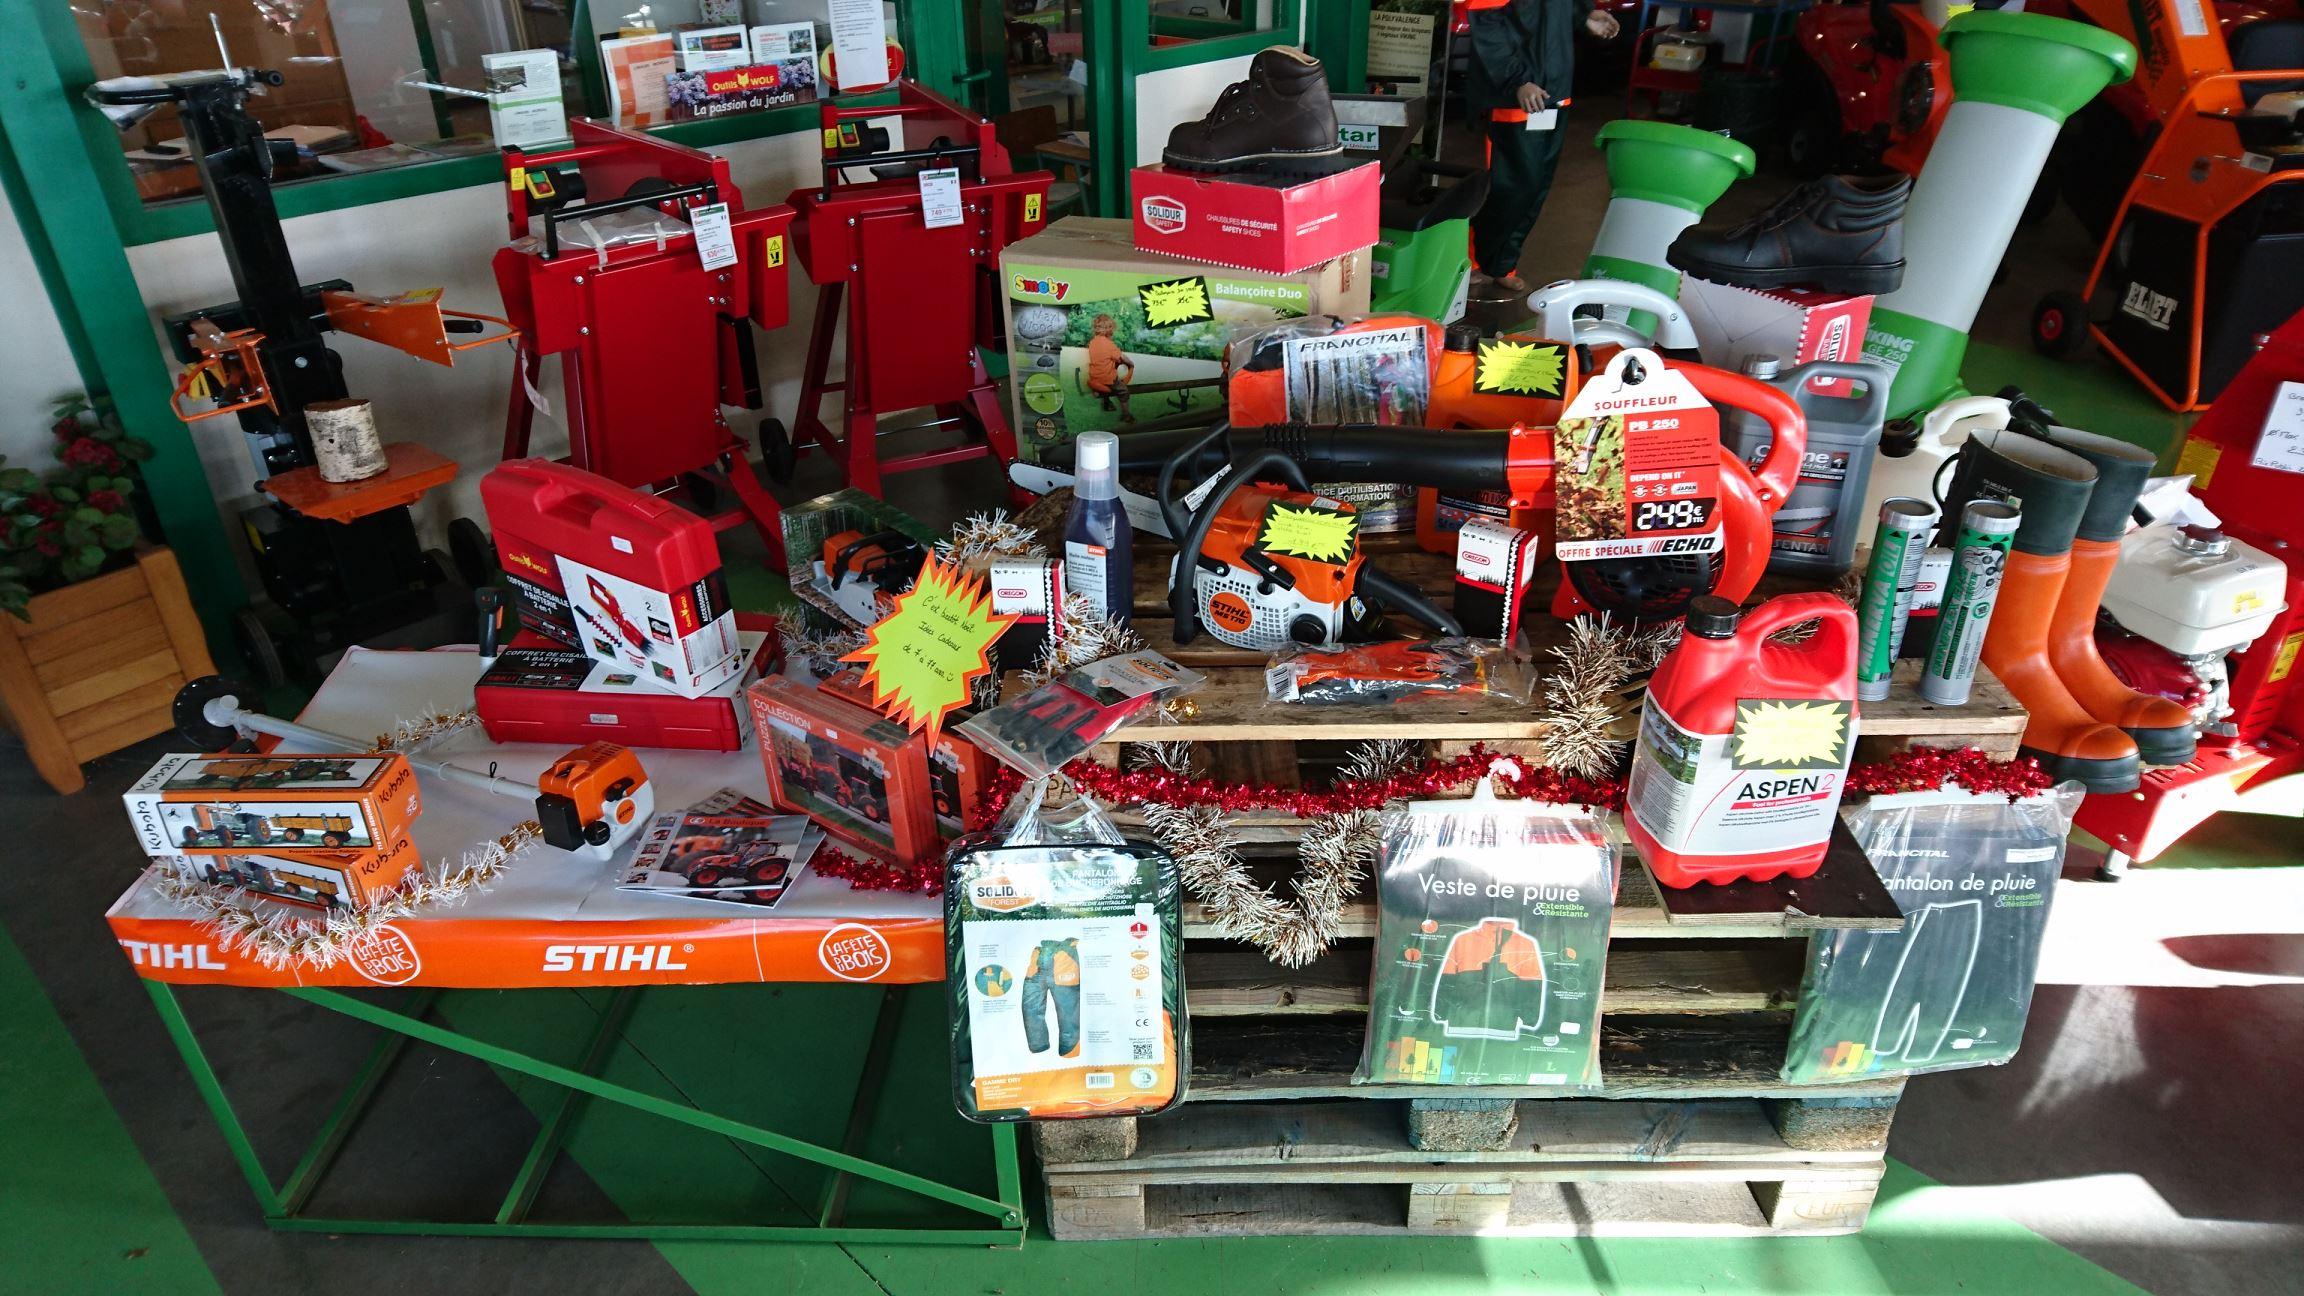 Noël en approche: Cadeaux utiles chez Limagri!